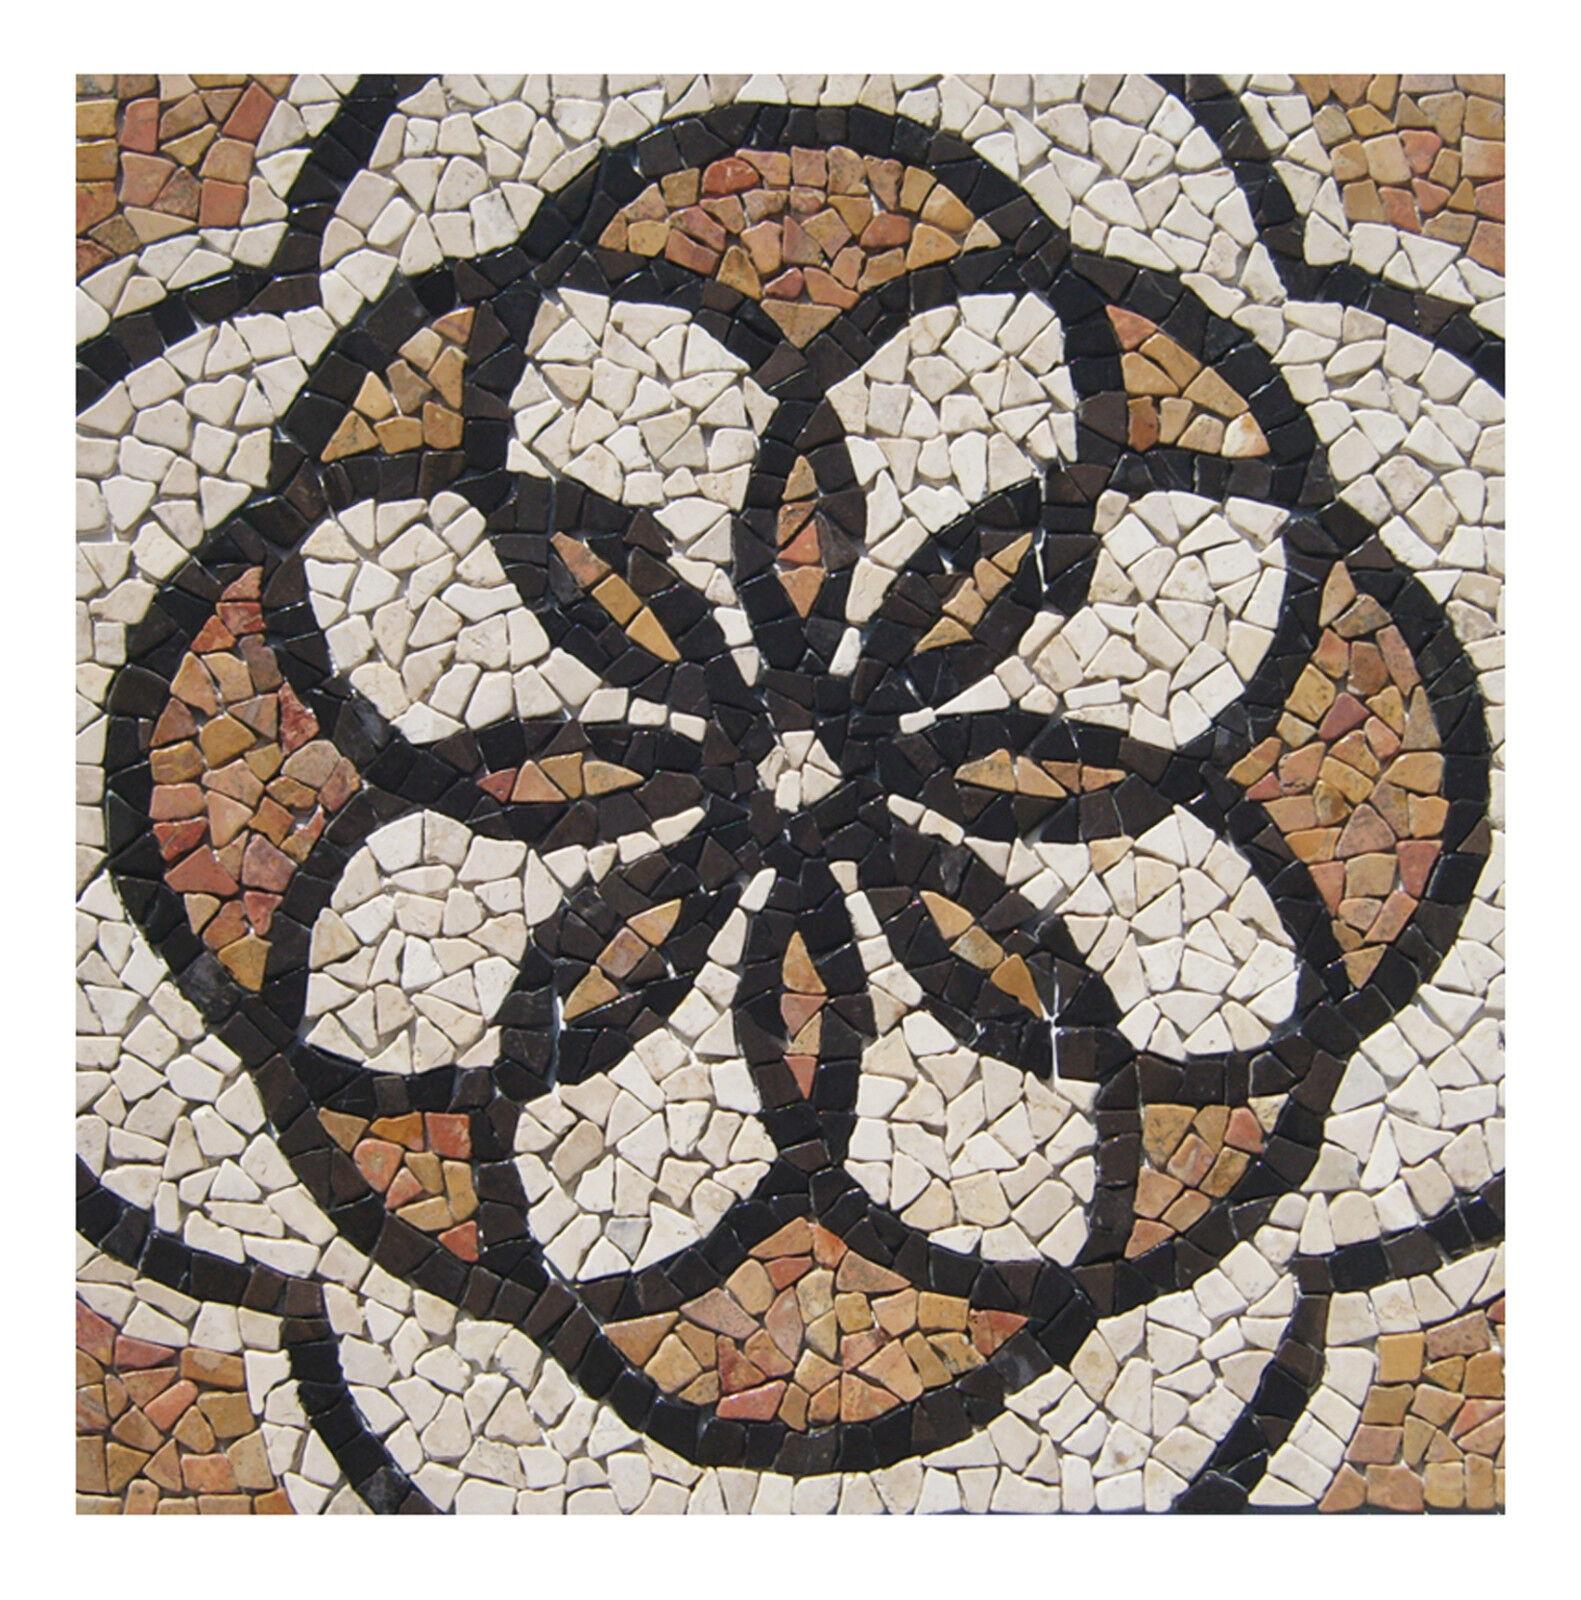 1 Marmor Bild RO-002 - 90x90 Rosone - Fliesen Lager Stein-mosaik Herne NRW -